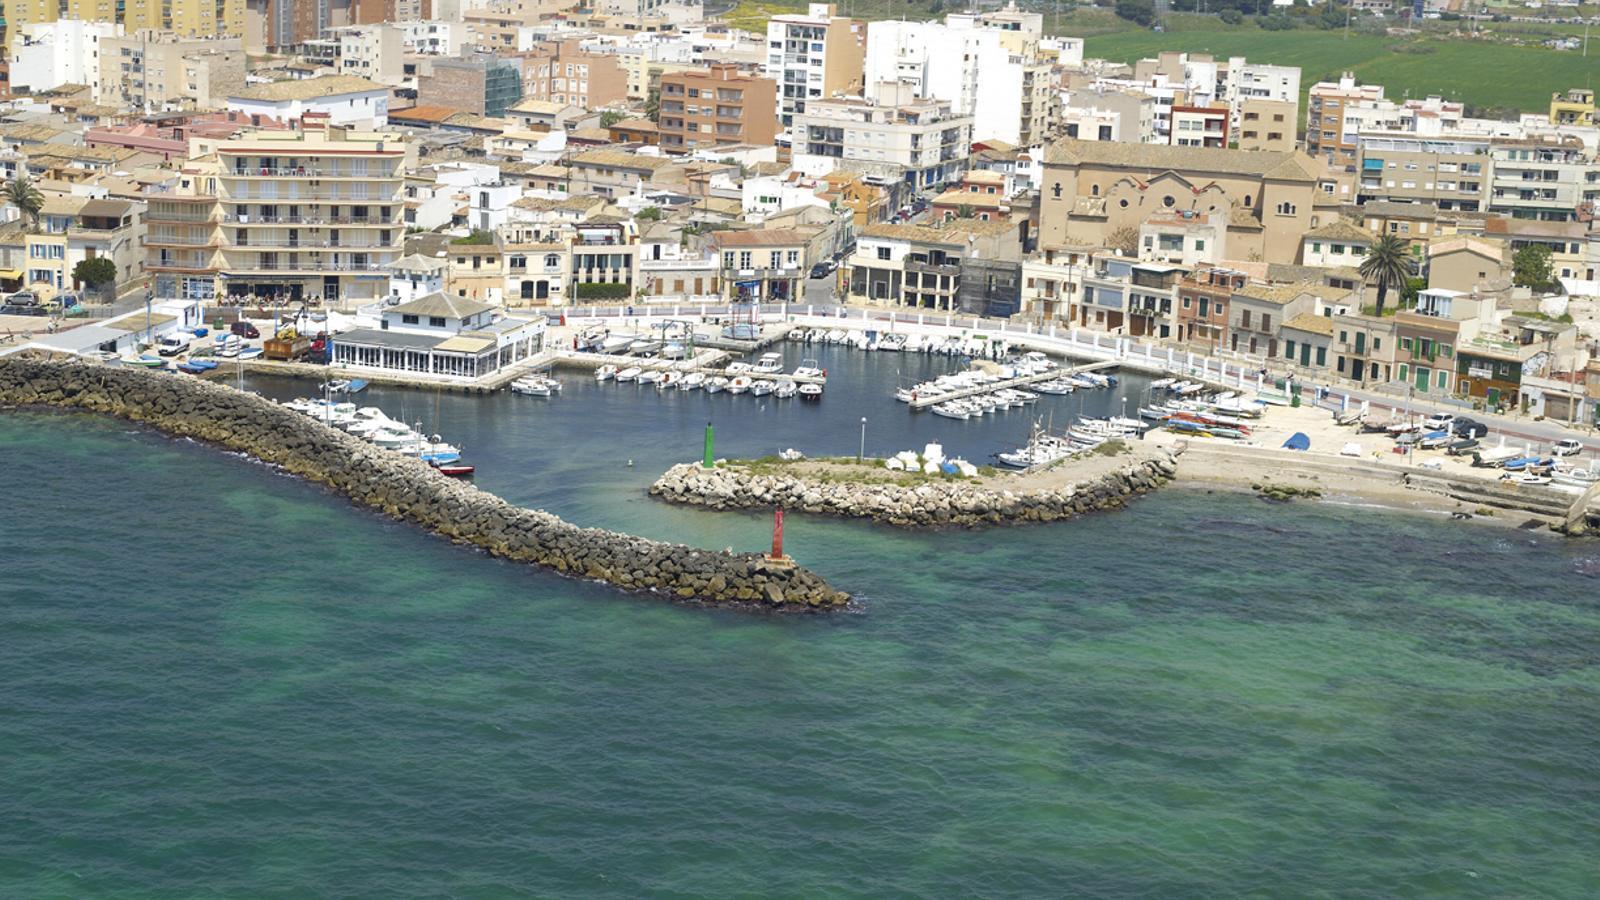 Vista aèria del barri del Molinar, a Palma.